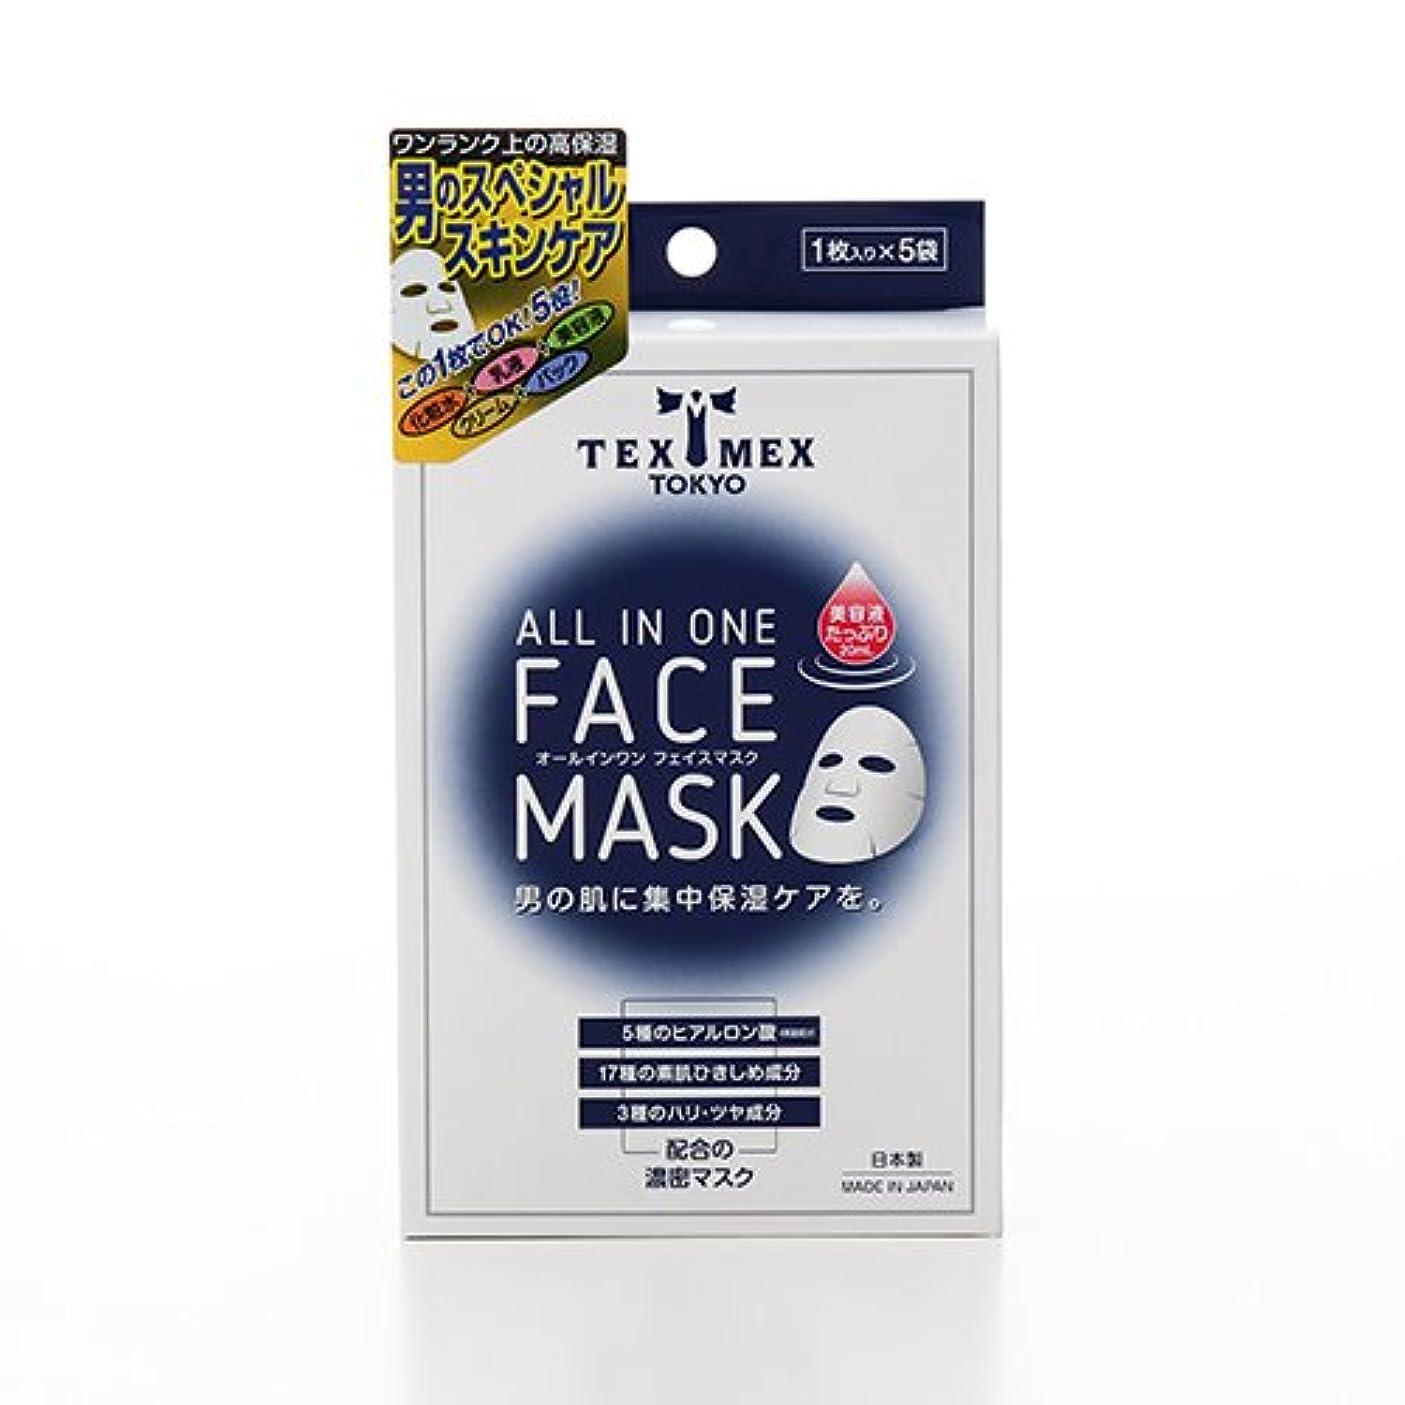 流行させる有力者テックスメックス オールインワンフェイスマスク 5袋入り 【シート状美容マスク】